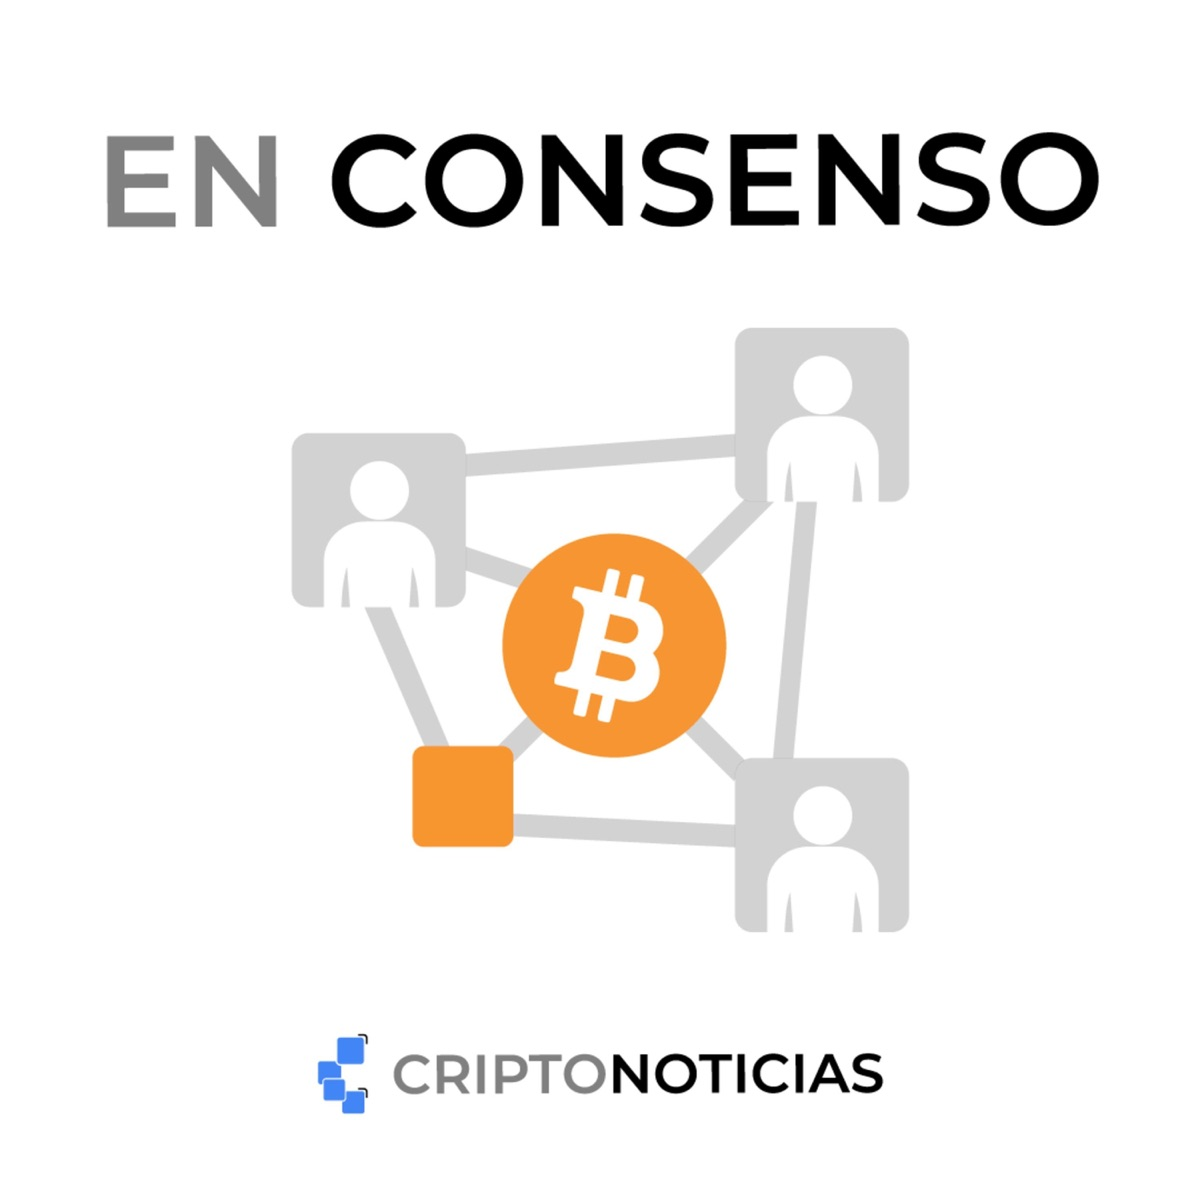 En Consenso